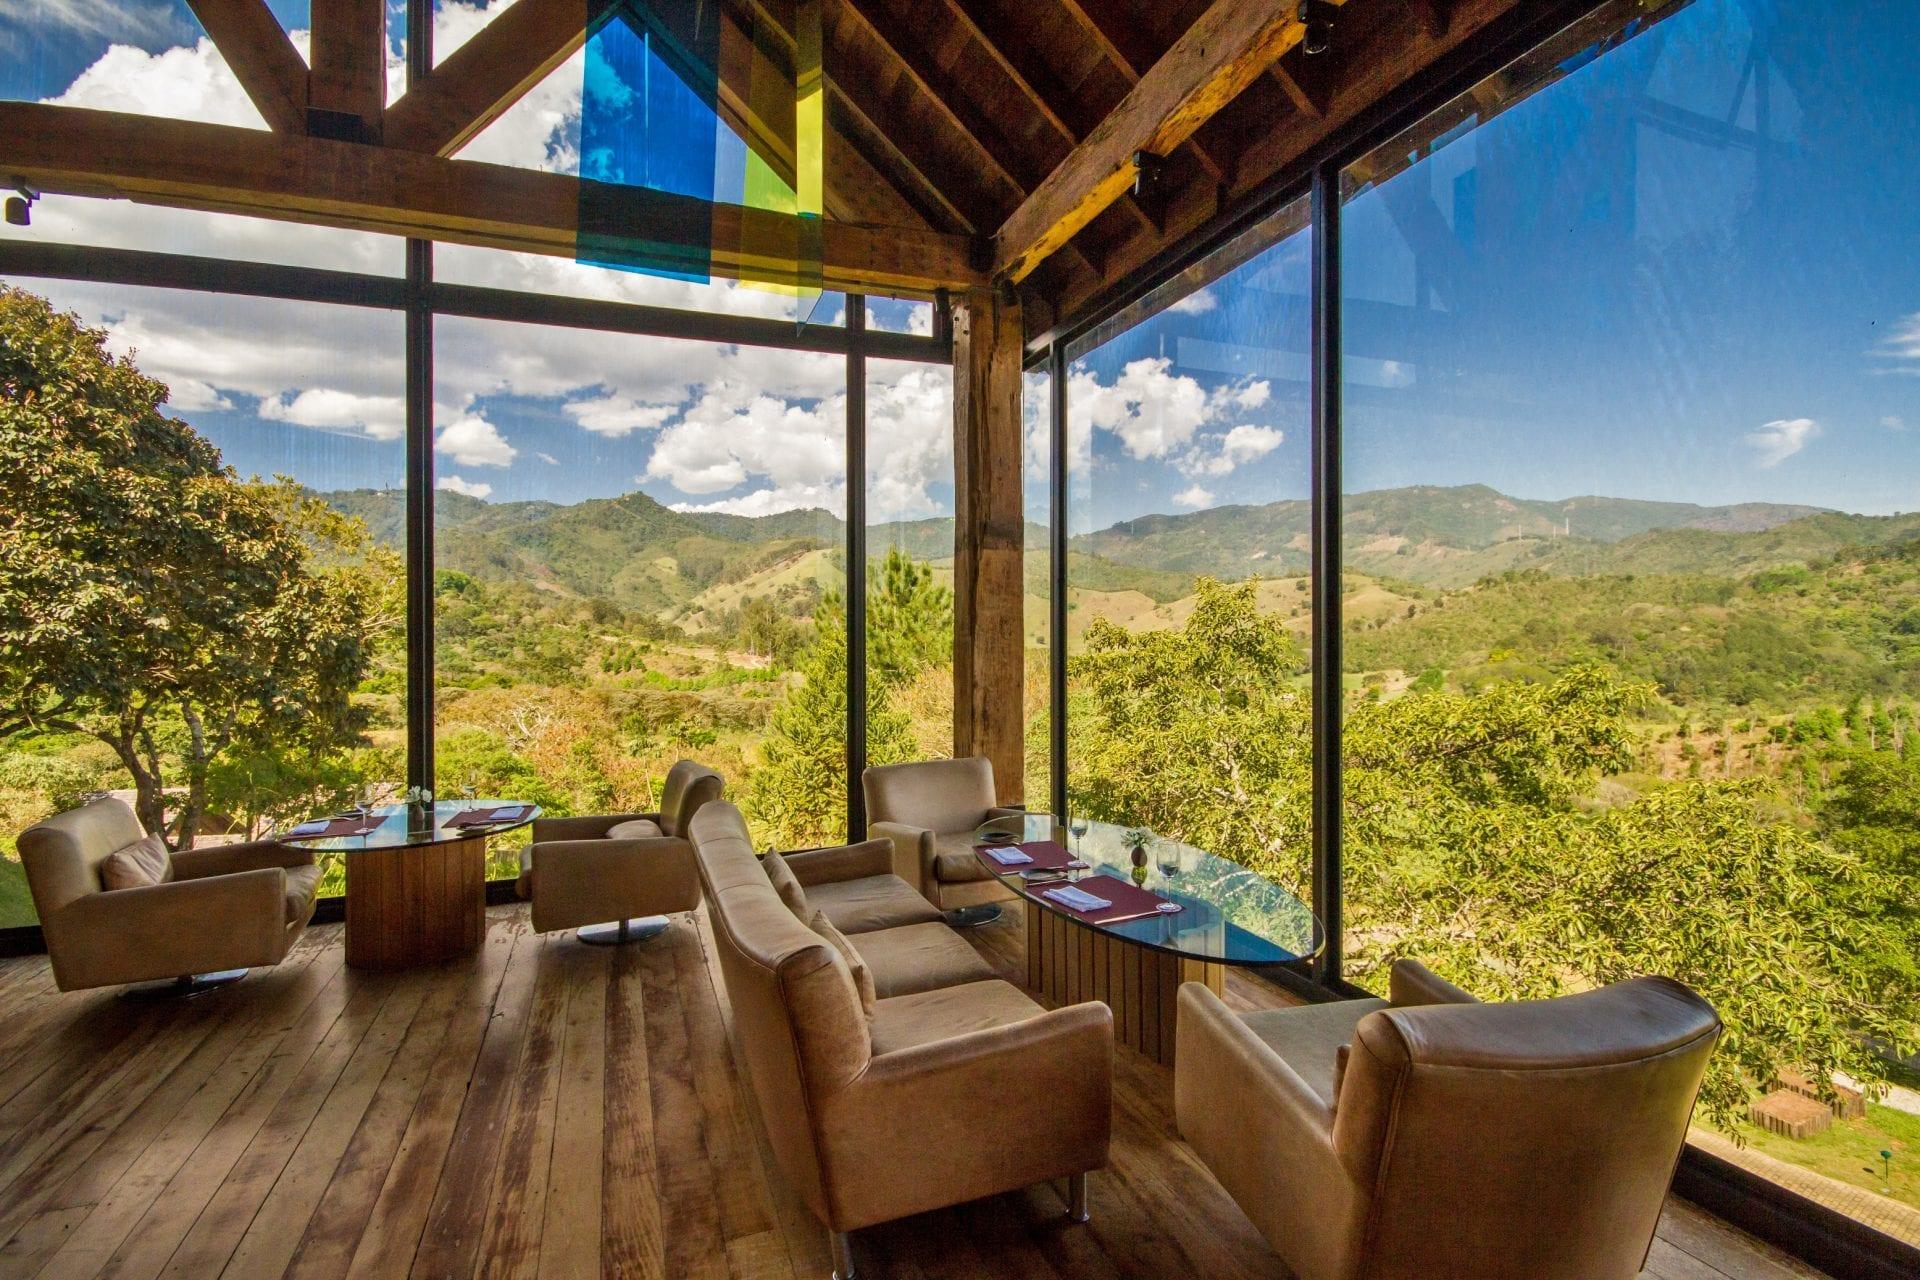 Ambiente diferenciado para uma refeição em meio à Serra da Mantiqueira e com um cenário de tirar o fôlego